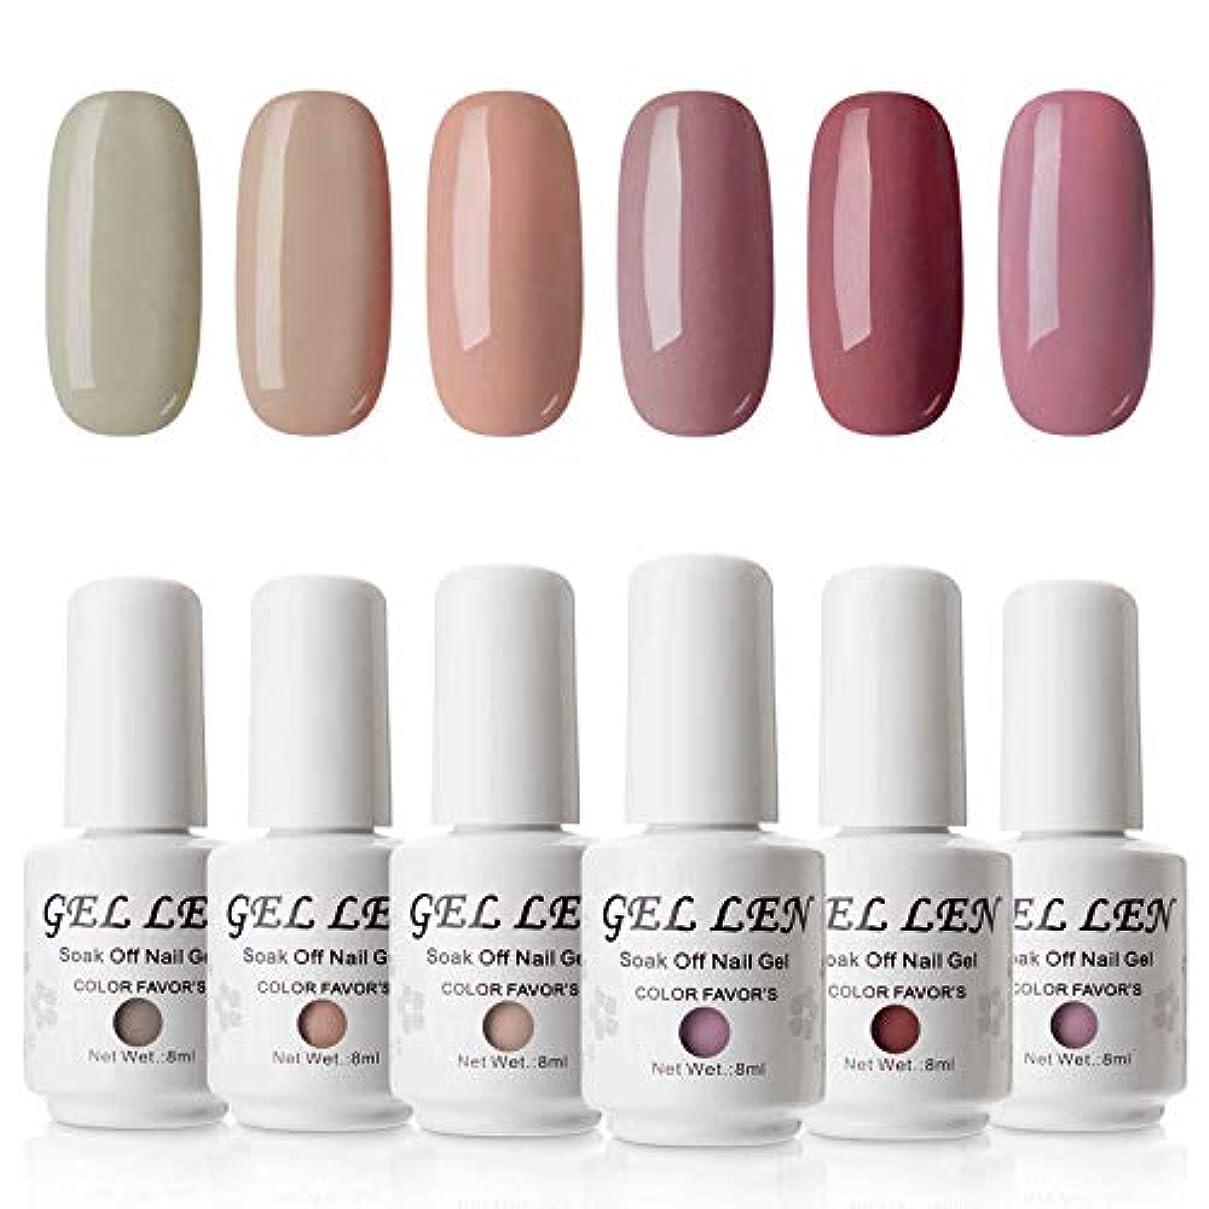 【透心瓶】Gellen ジェルネイル カラー 6色セット 8ml UV?LED ポリッシュタイプ カラージェル ヌードベージュ系